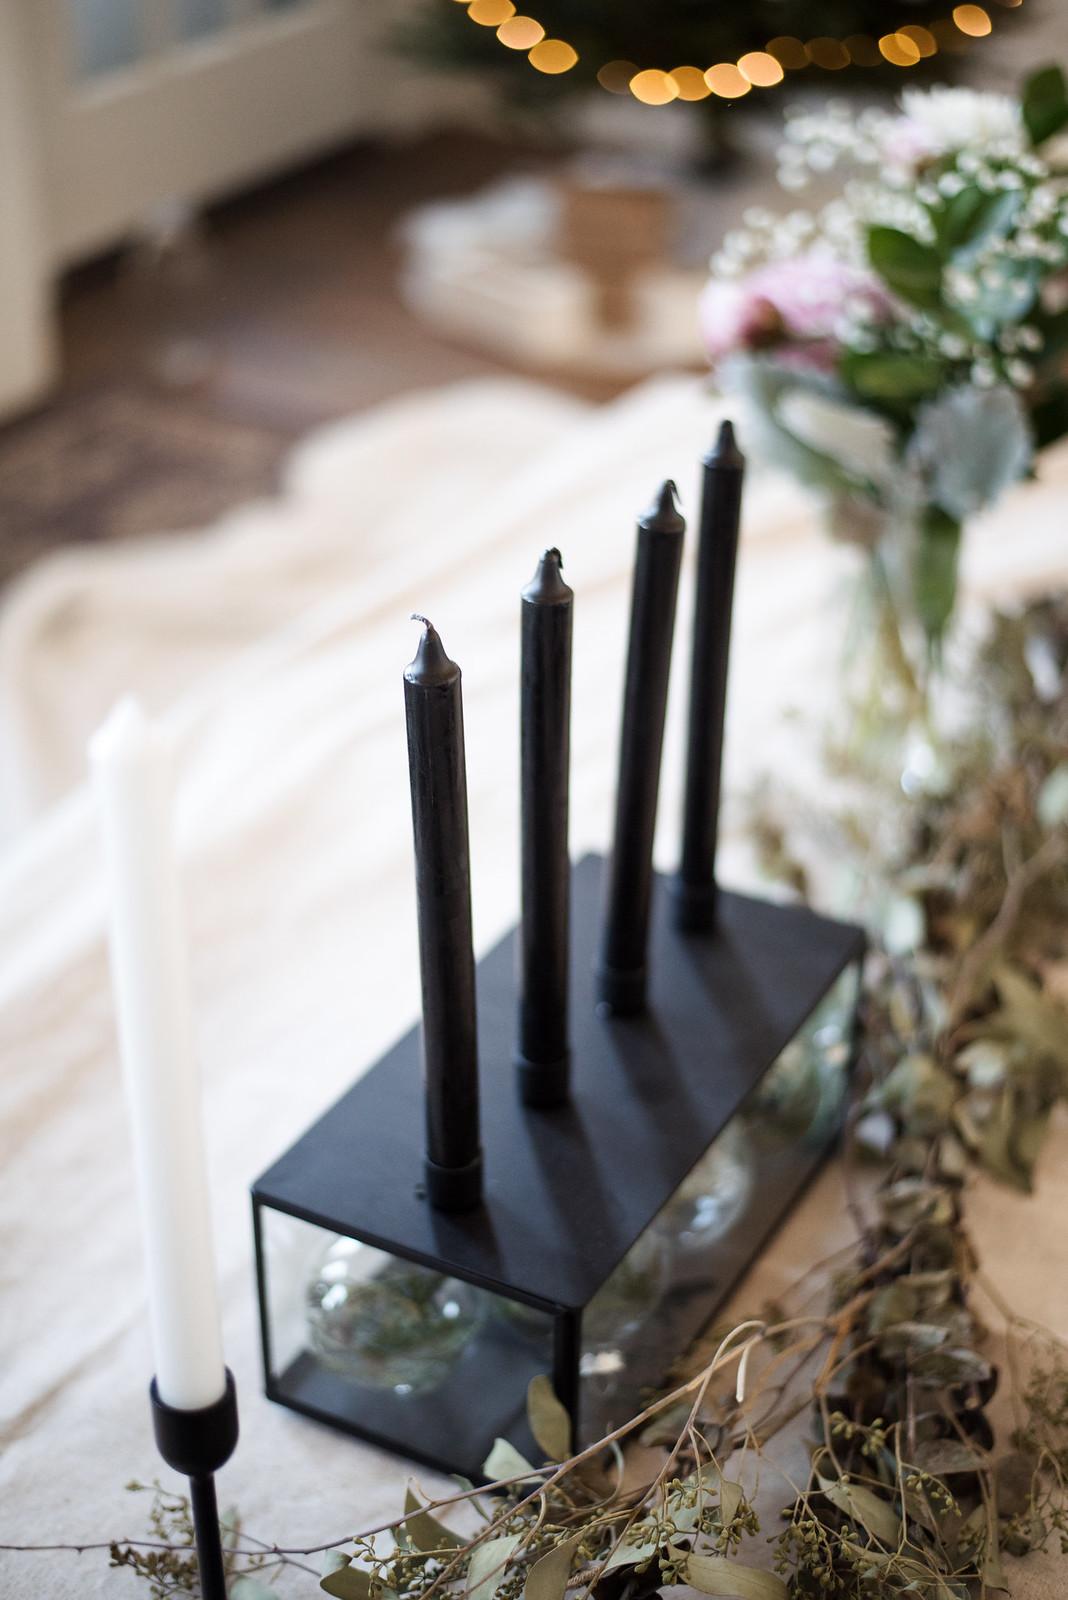 Christmas Table Setting on juliettelaura.blogspot.com